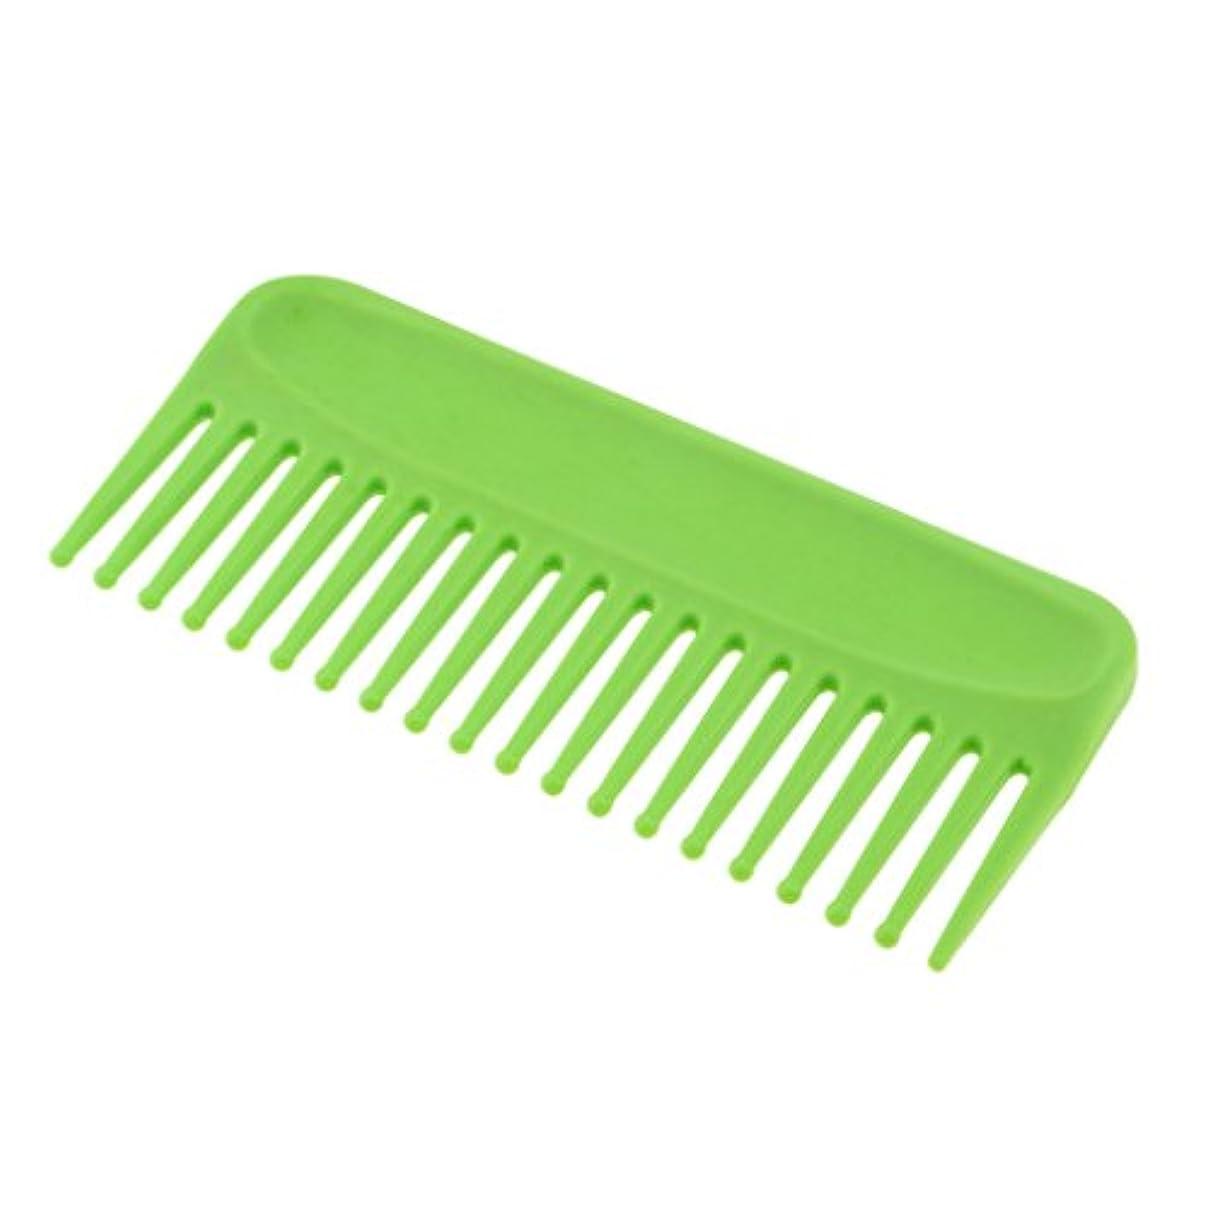 普及シャトル密ヘアコーム コーム くし 頭皮 マッサージ 耐熱性 帯電防止 プラスチック性 ヘアスタイリング 4色選べる - 緑